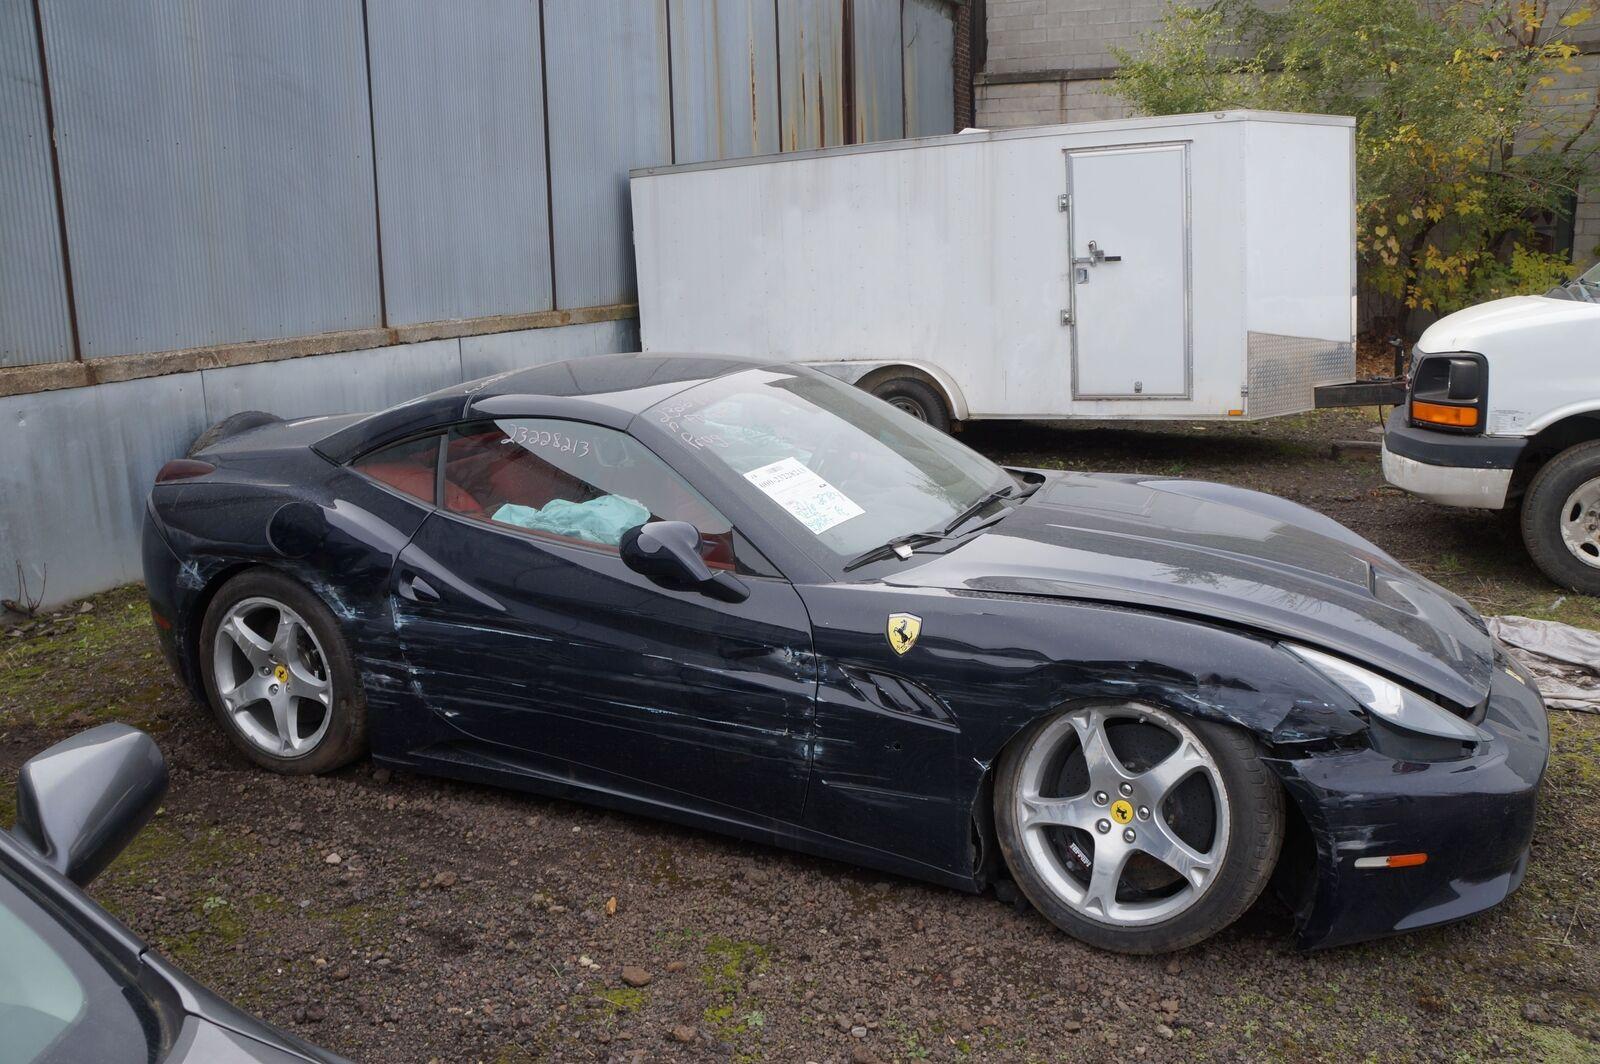 Interior Rear View Mirror 81614000 Ferrari California 2010 Pacific